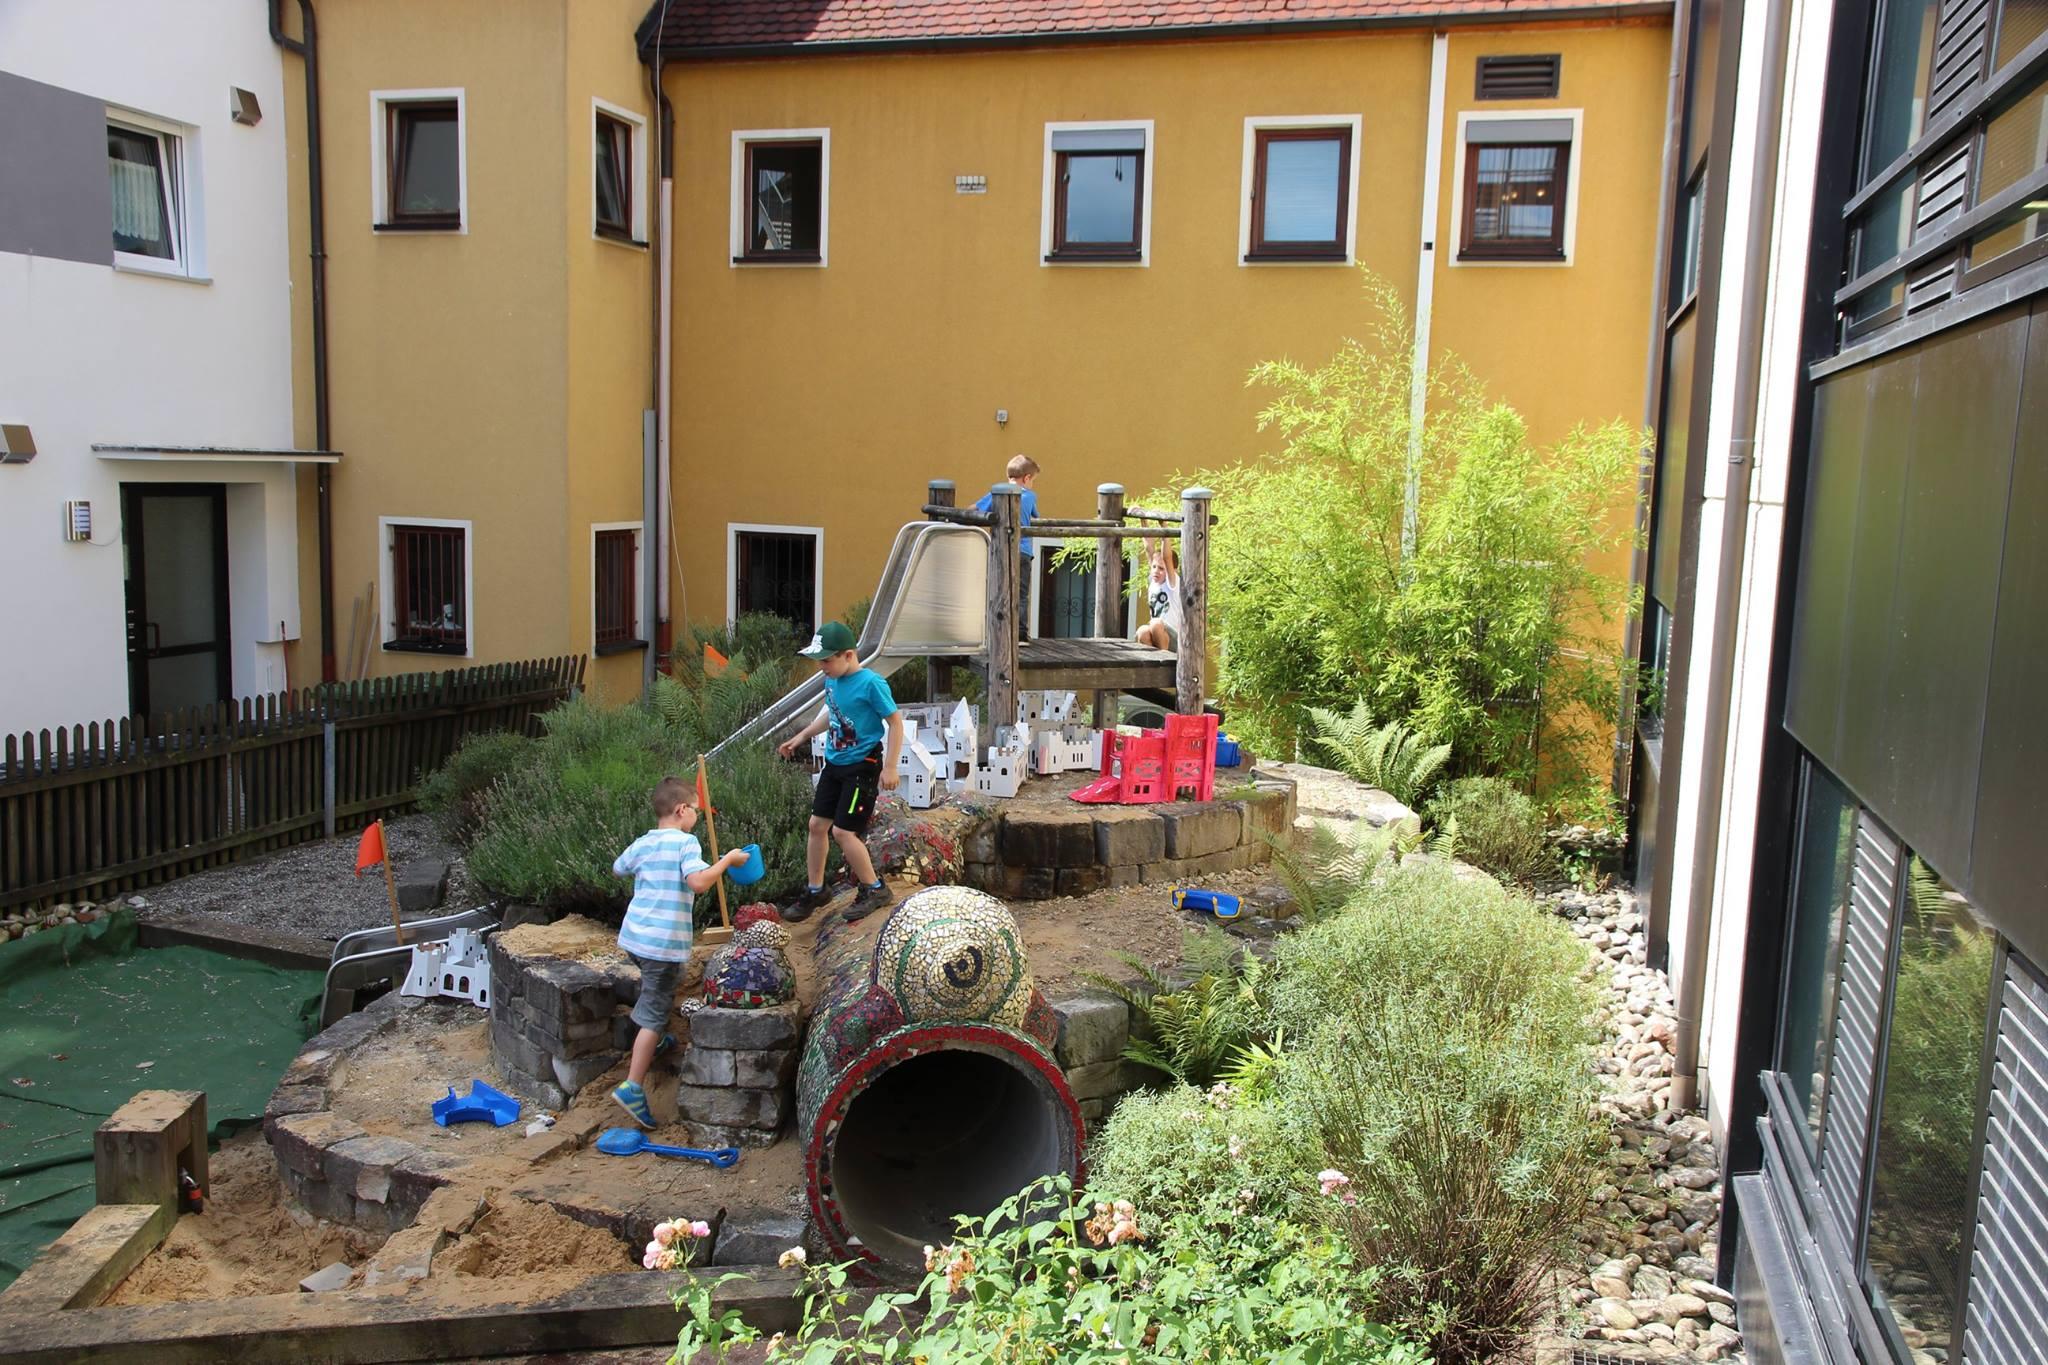 (Archivbild) Für die Sanierung des Therapiegartens der Frühförderung hat der Obst- und Gartenbauverein Lindelburg-Pfeifferhütte jetzt 700 Euro für Duft-/Blühbeete gespendet.